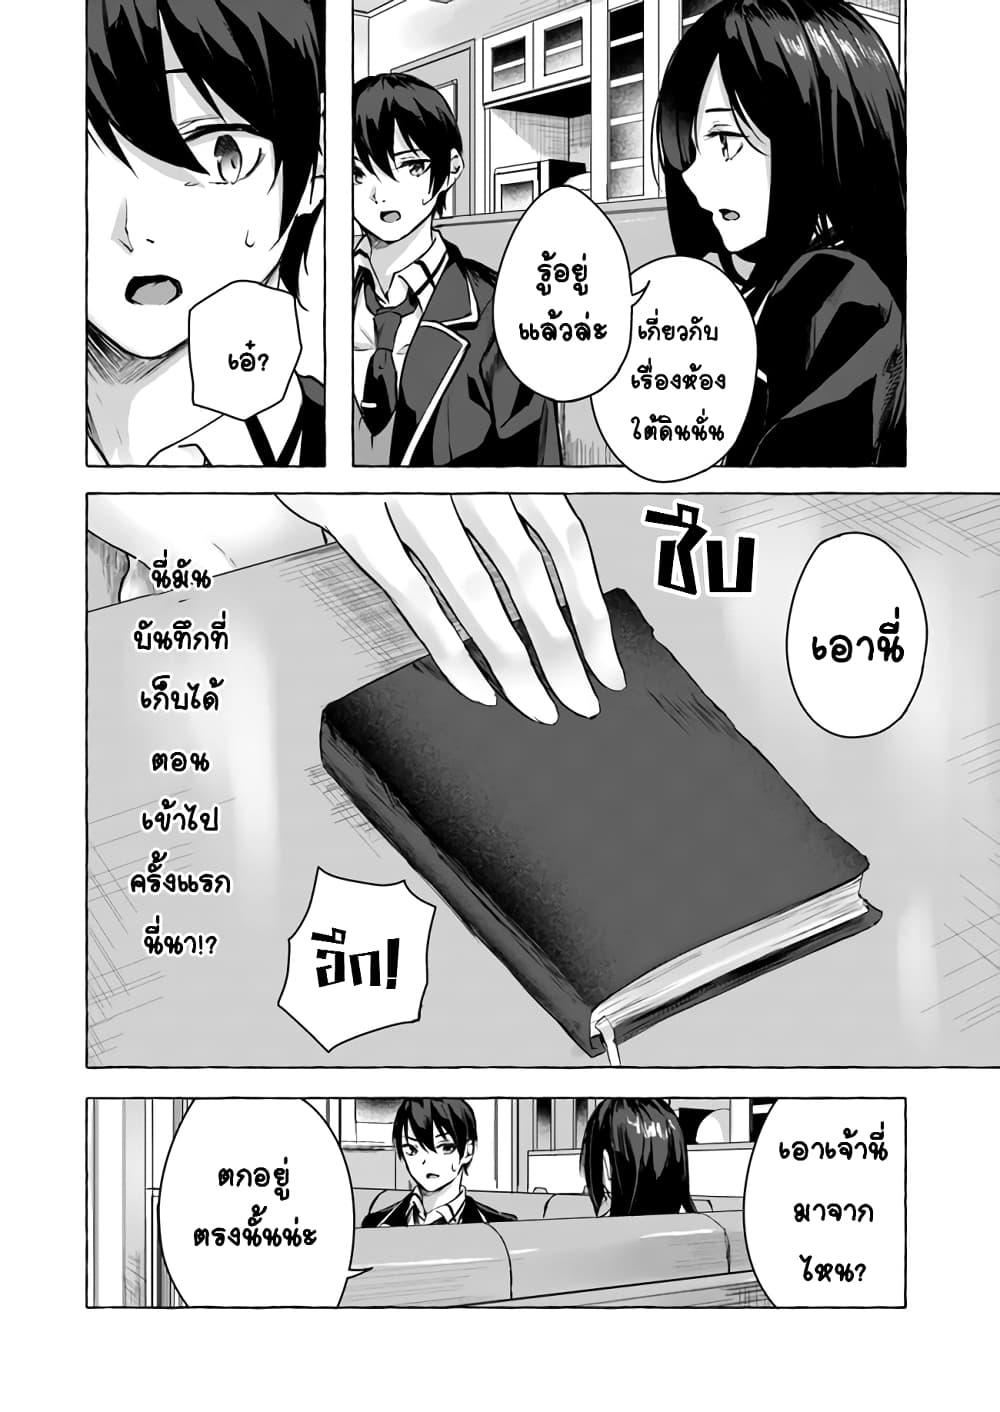 อ่านการ์ตูน Sex and Dungeon! ตอนที่ 11 หน้าที่ 23